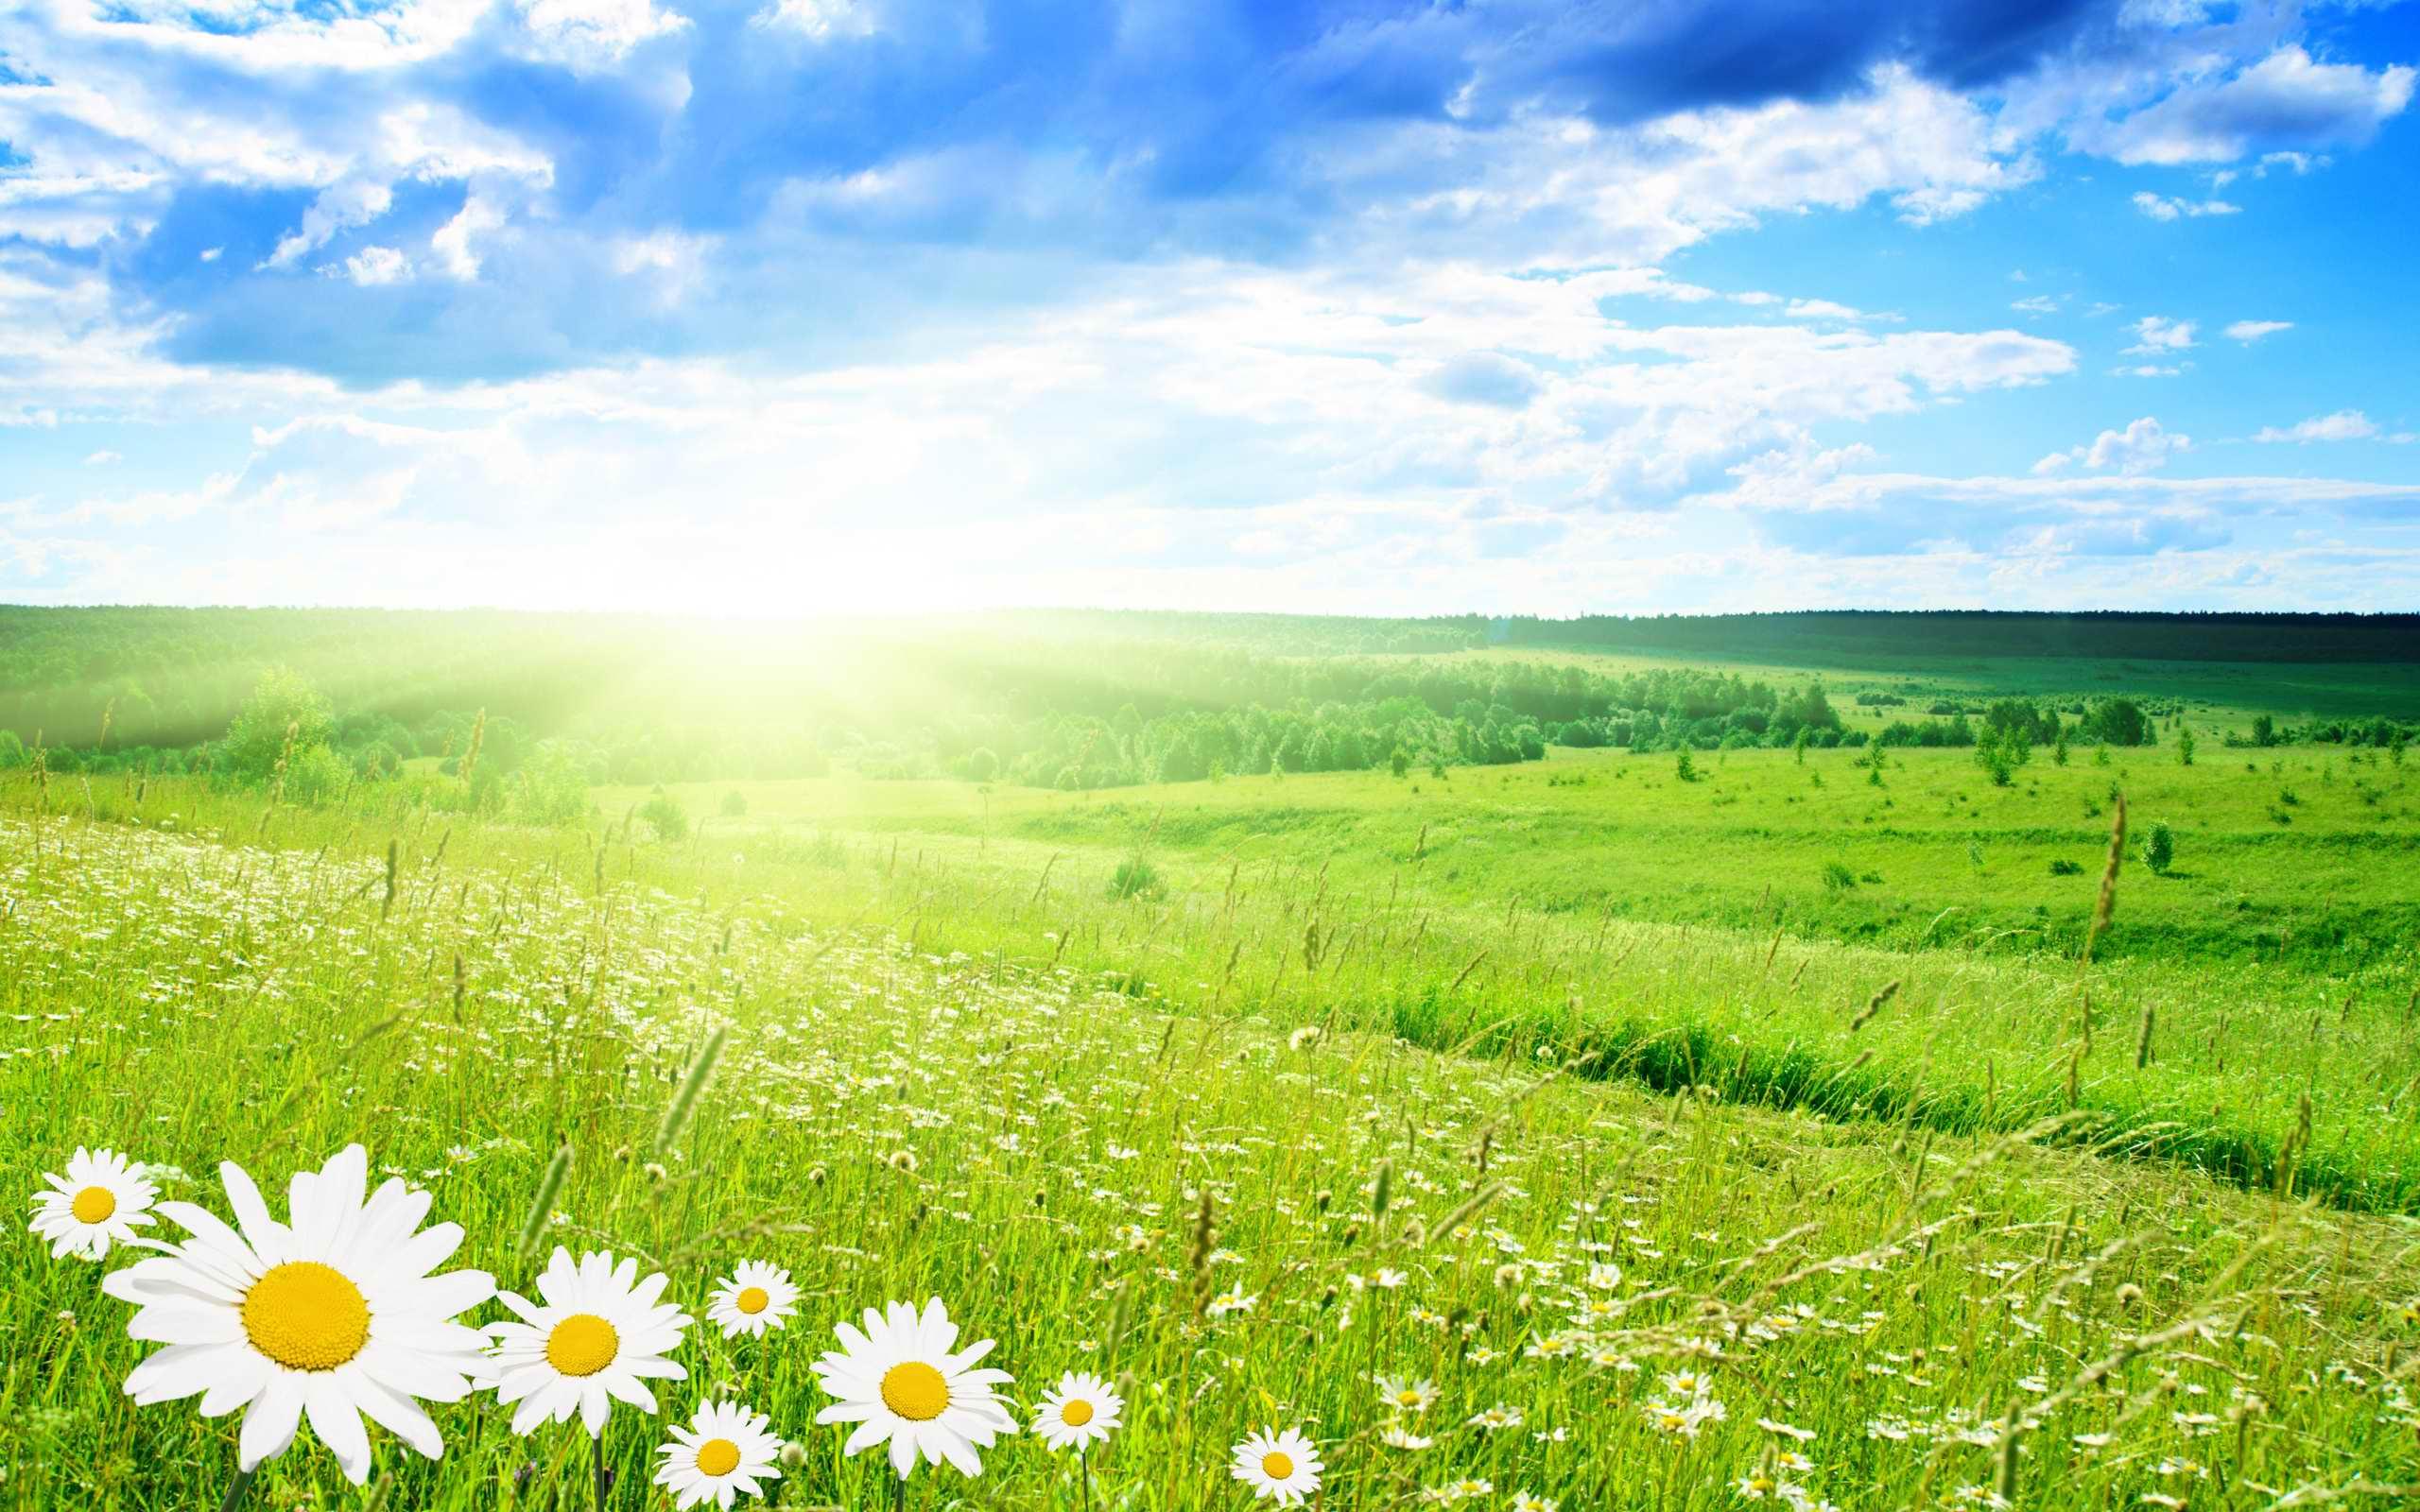 Hình ảnh bãi cỏ xanh đẹp nhất